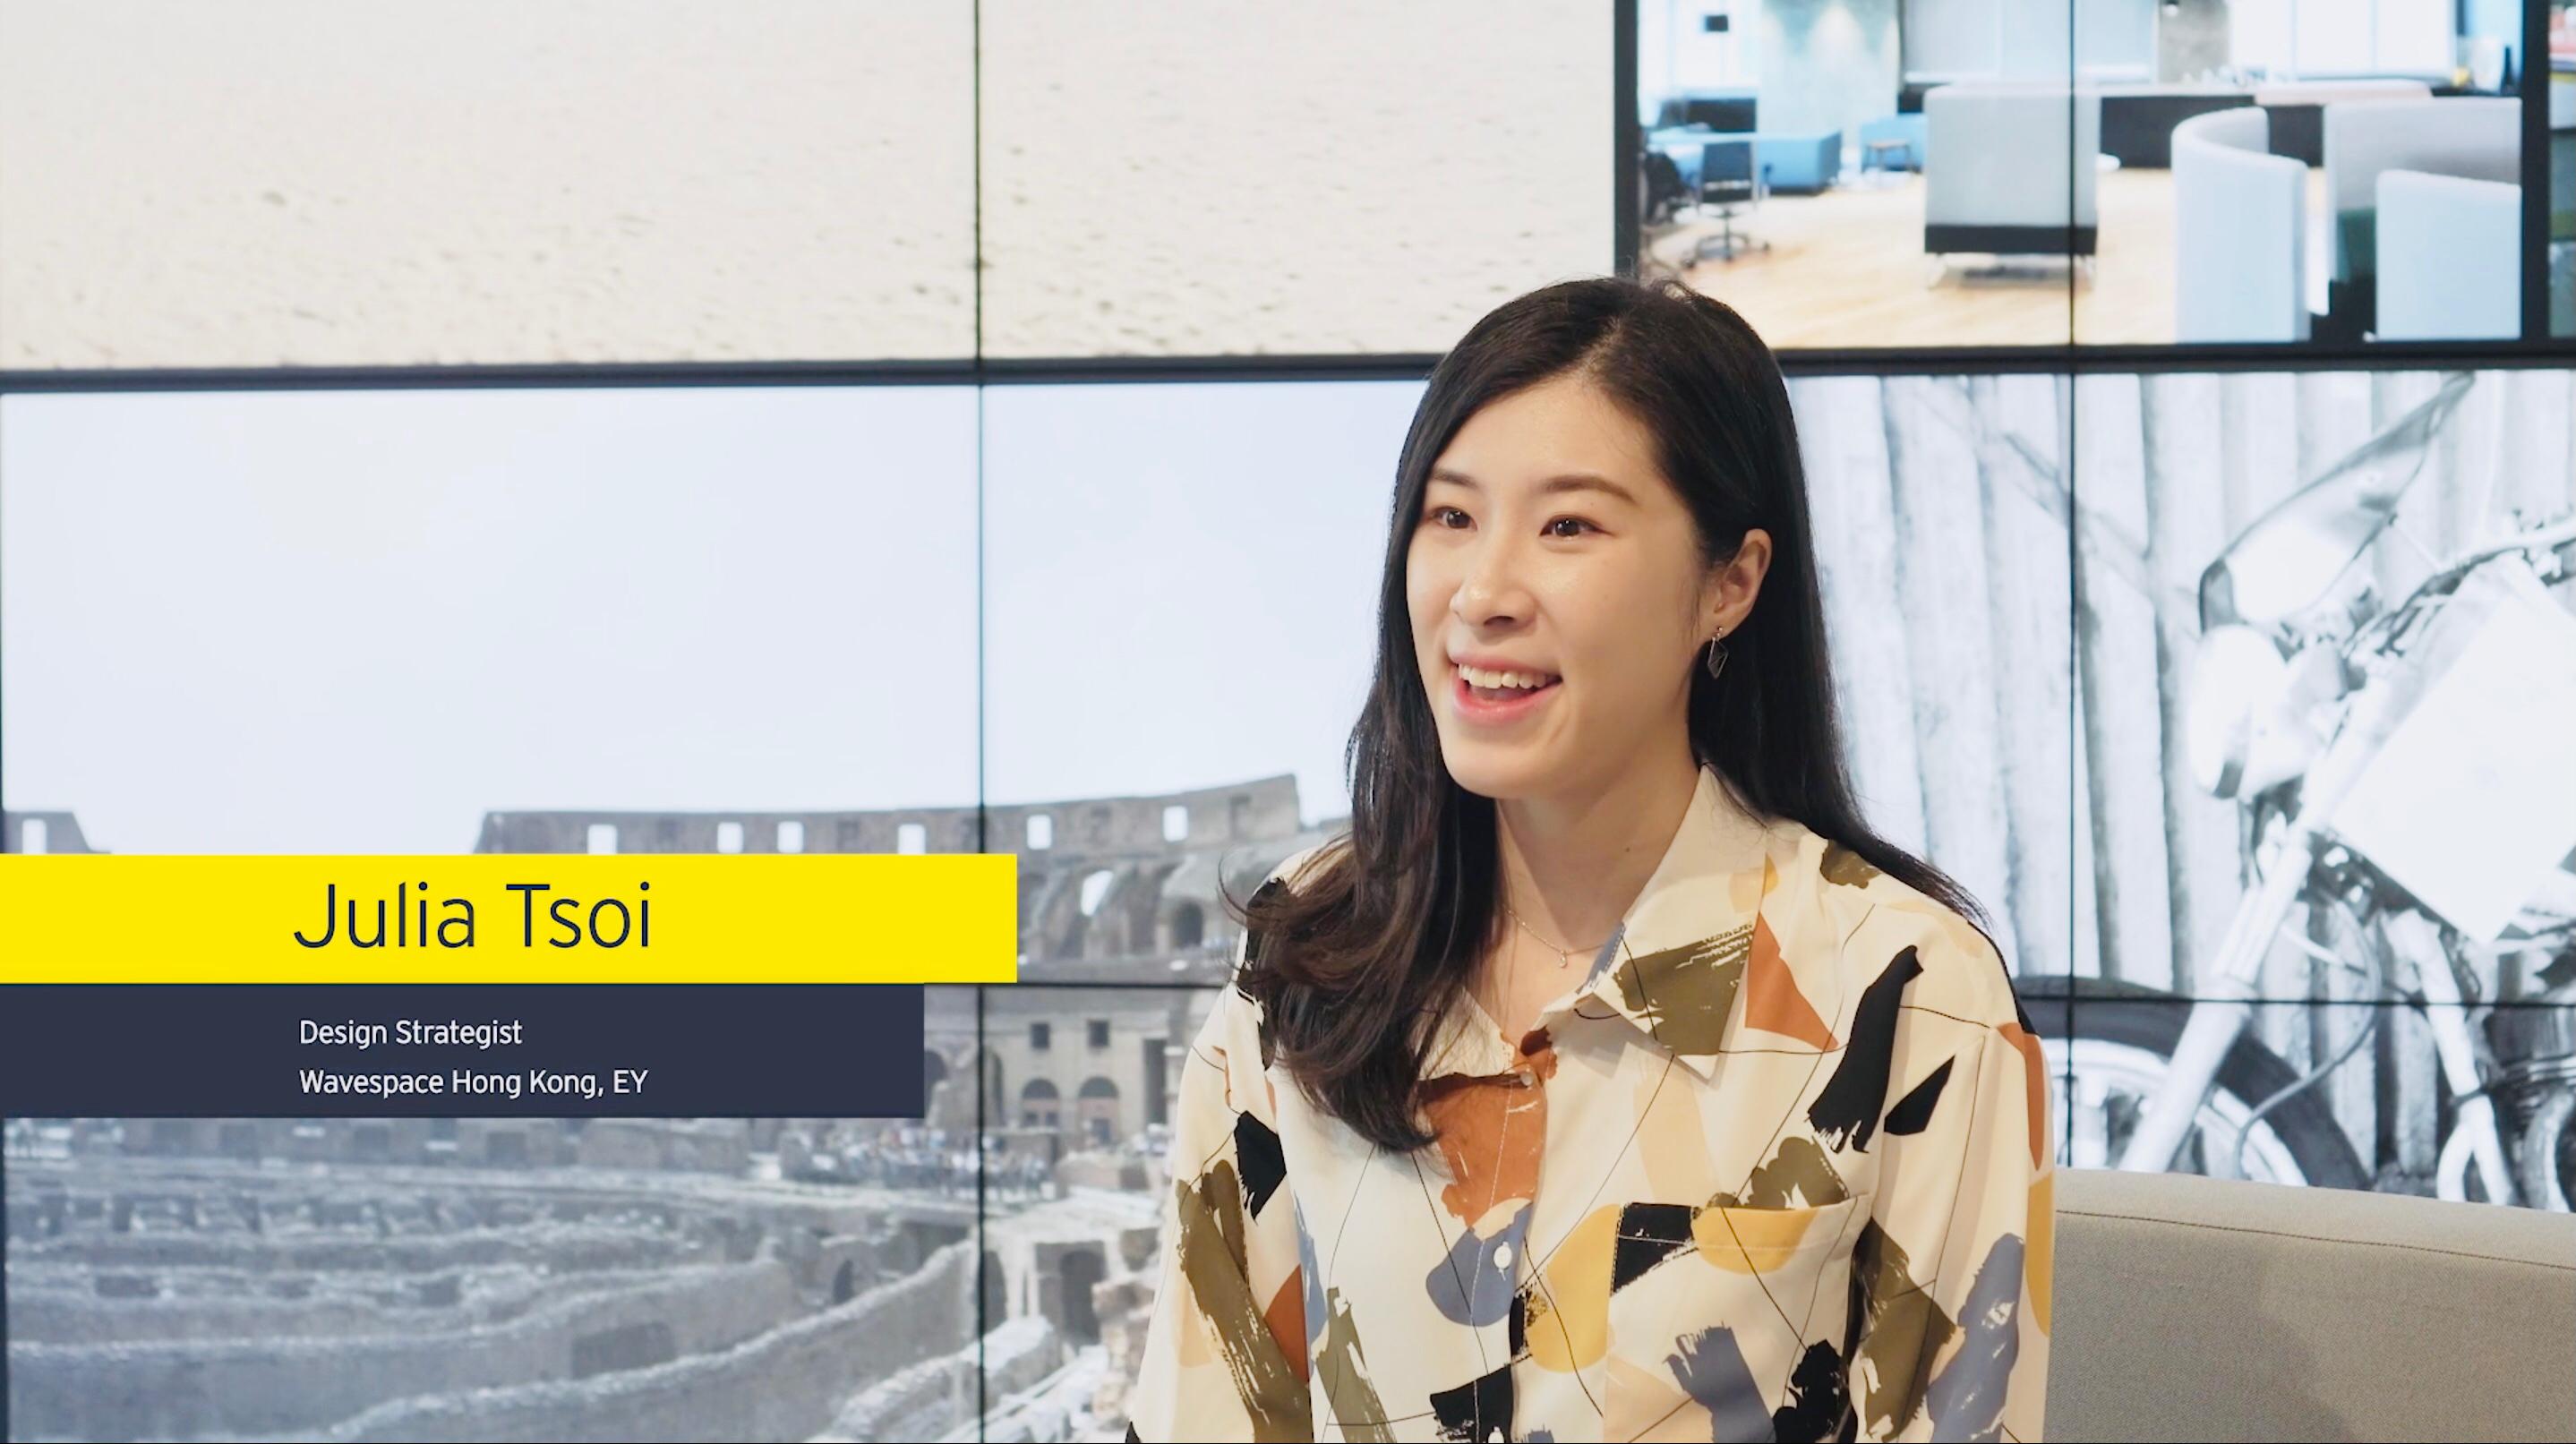 Julia Tsoi | Design Strategist